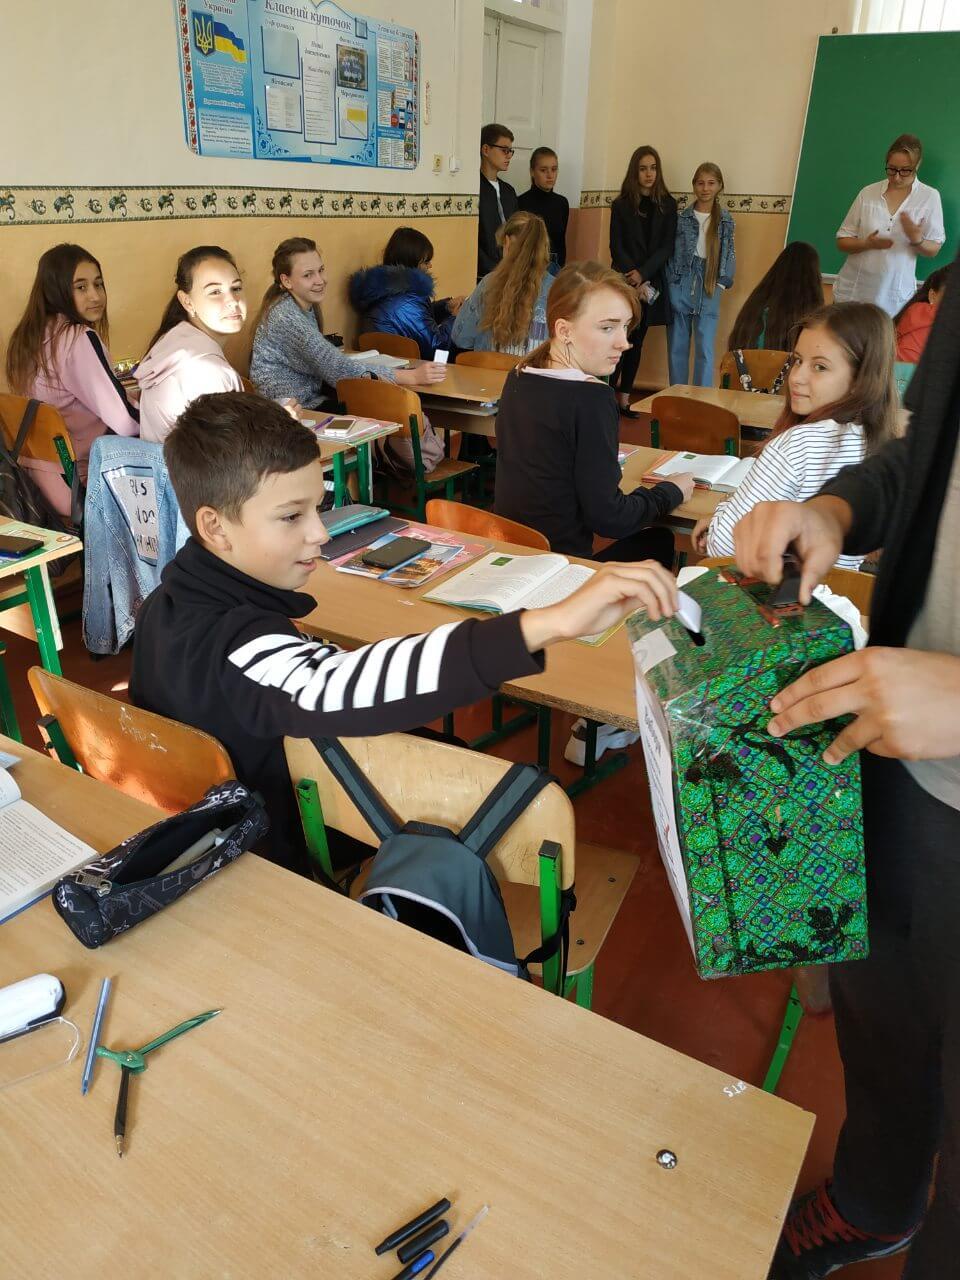 zobrazhennya viber 2019 09 25 16 11 15 - Вибори президента учнівського самоврядування